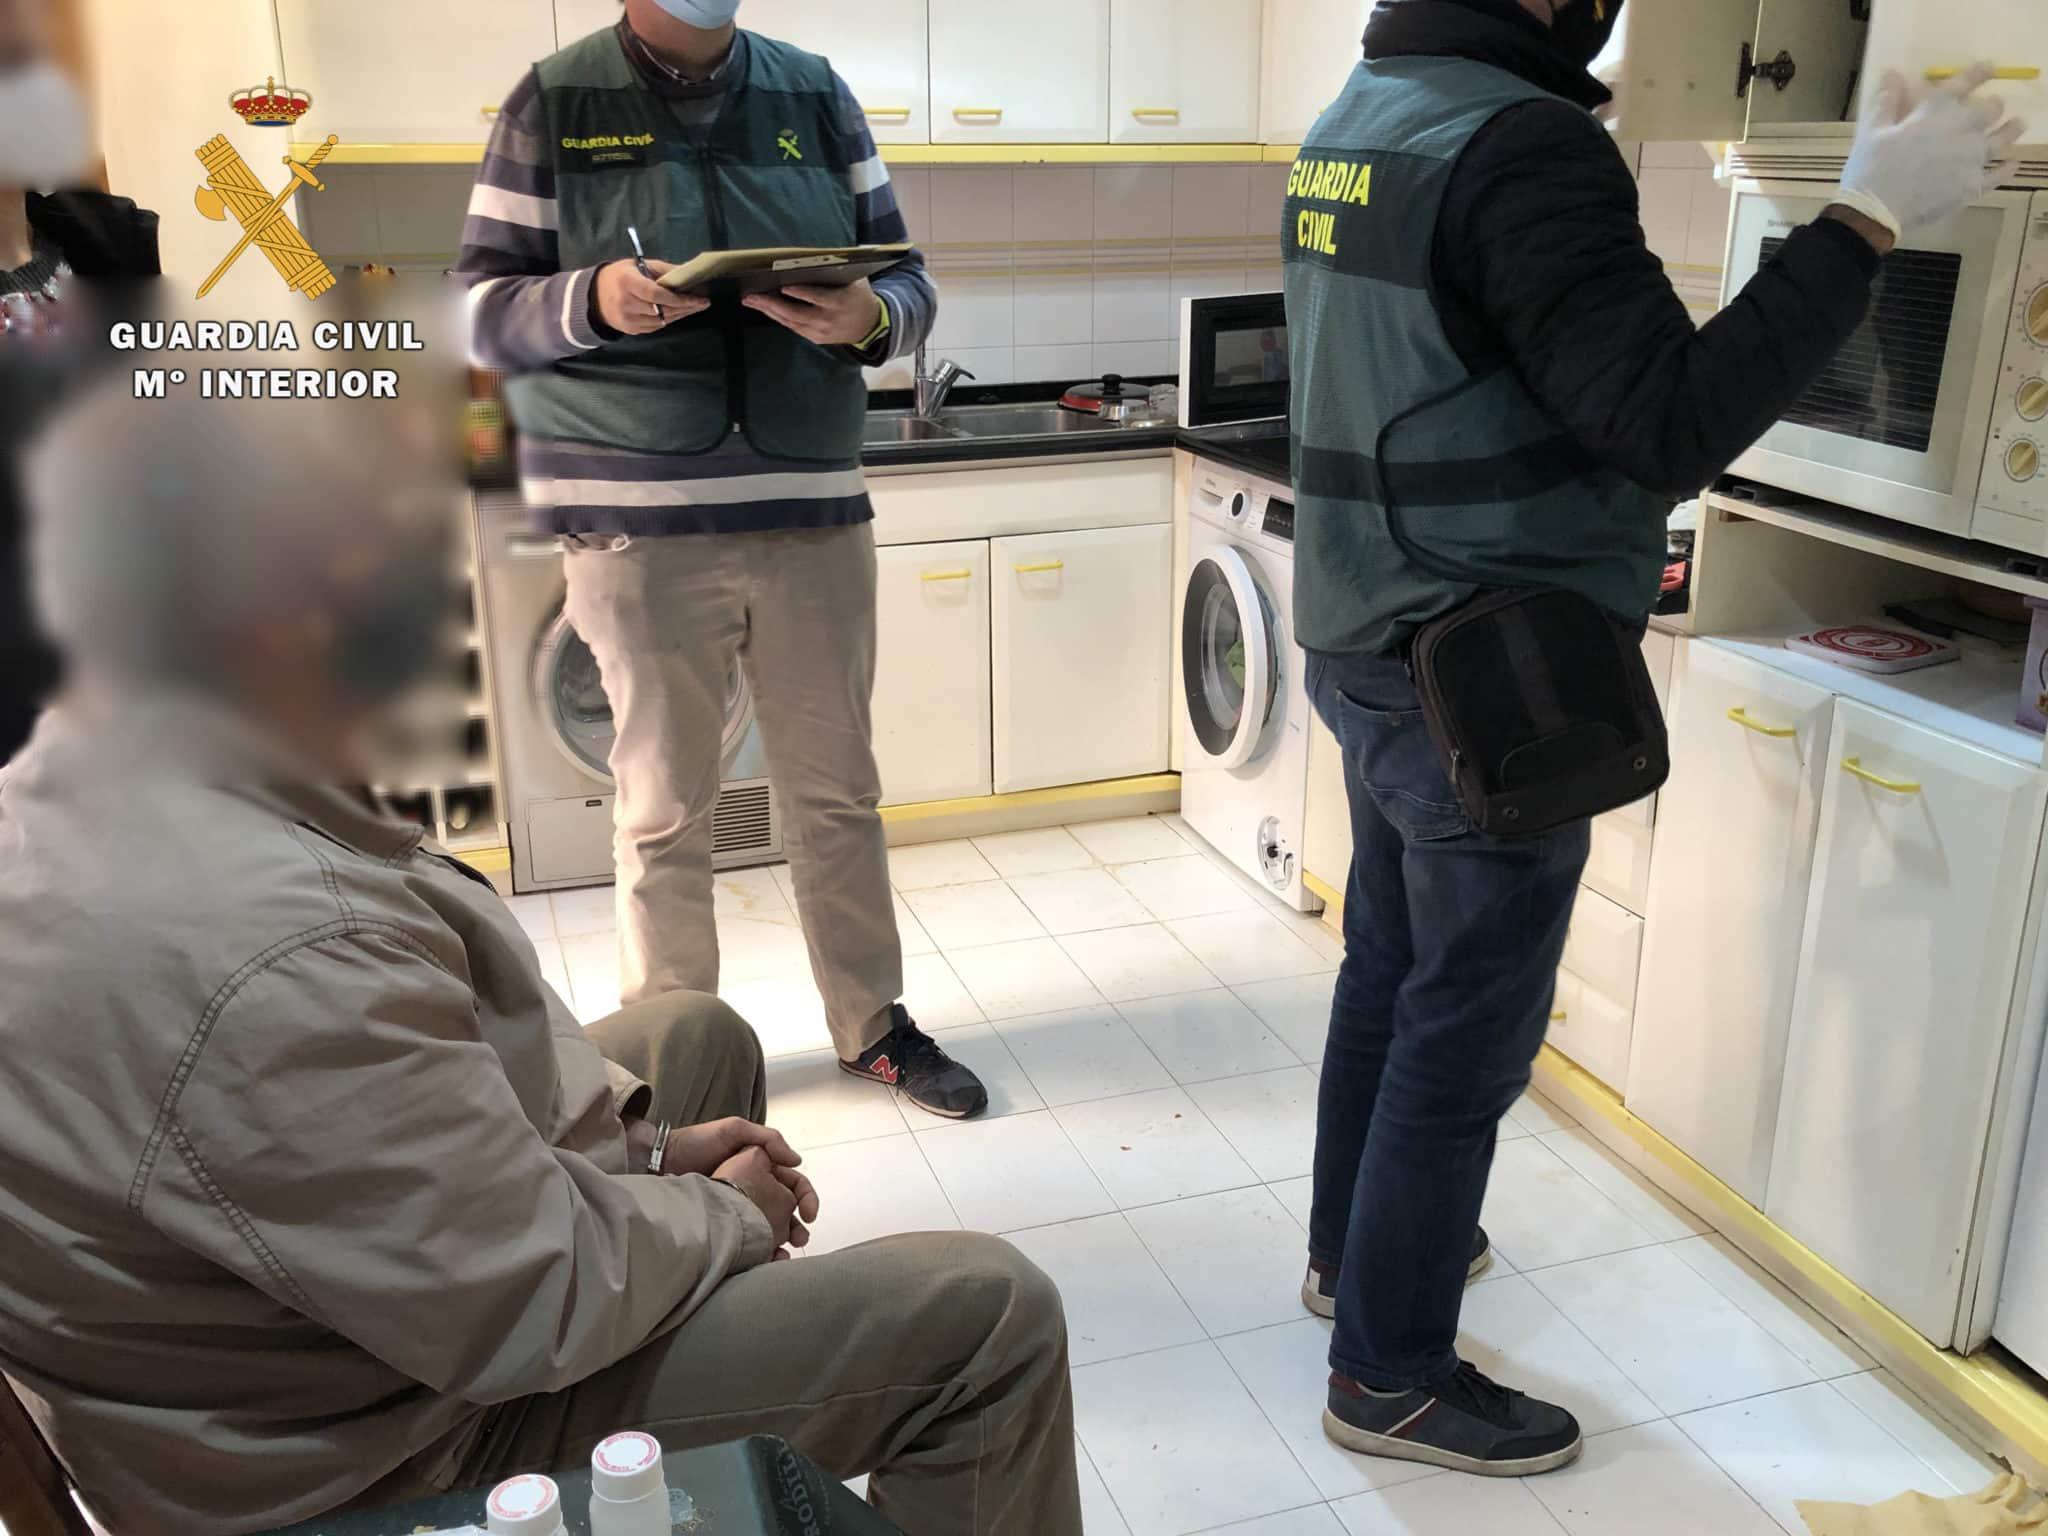 Nuevo golpe al tráfico de cocaína y 'speed' en Calahorra 8